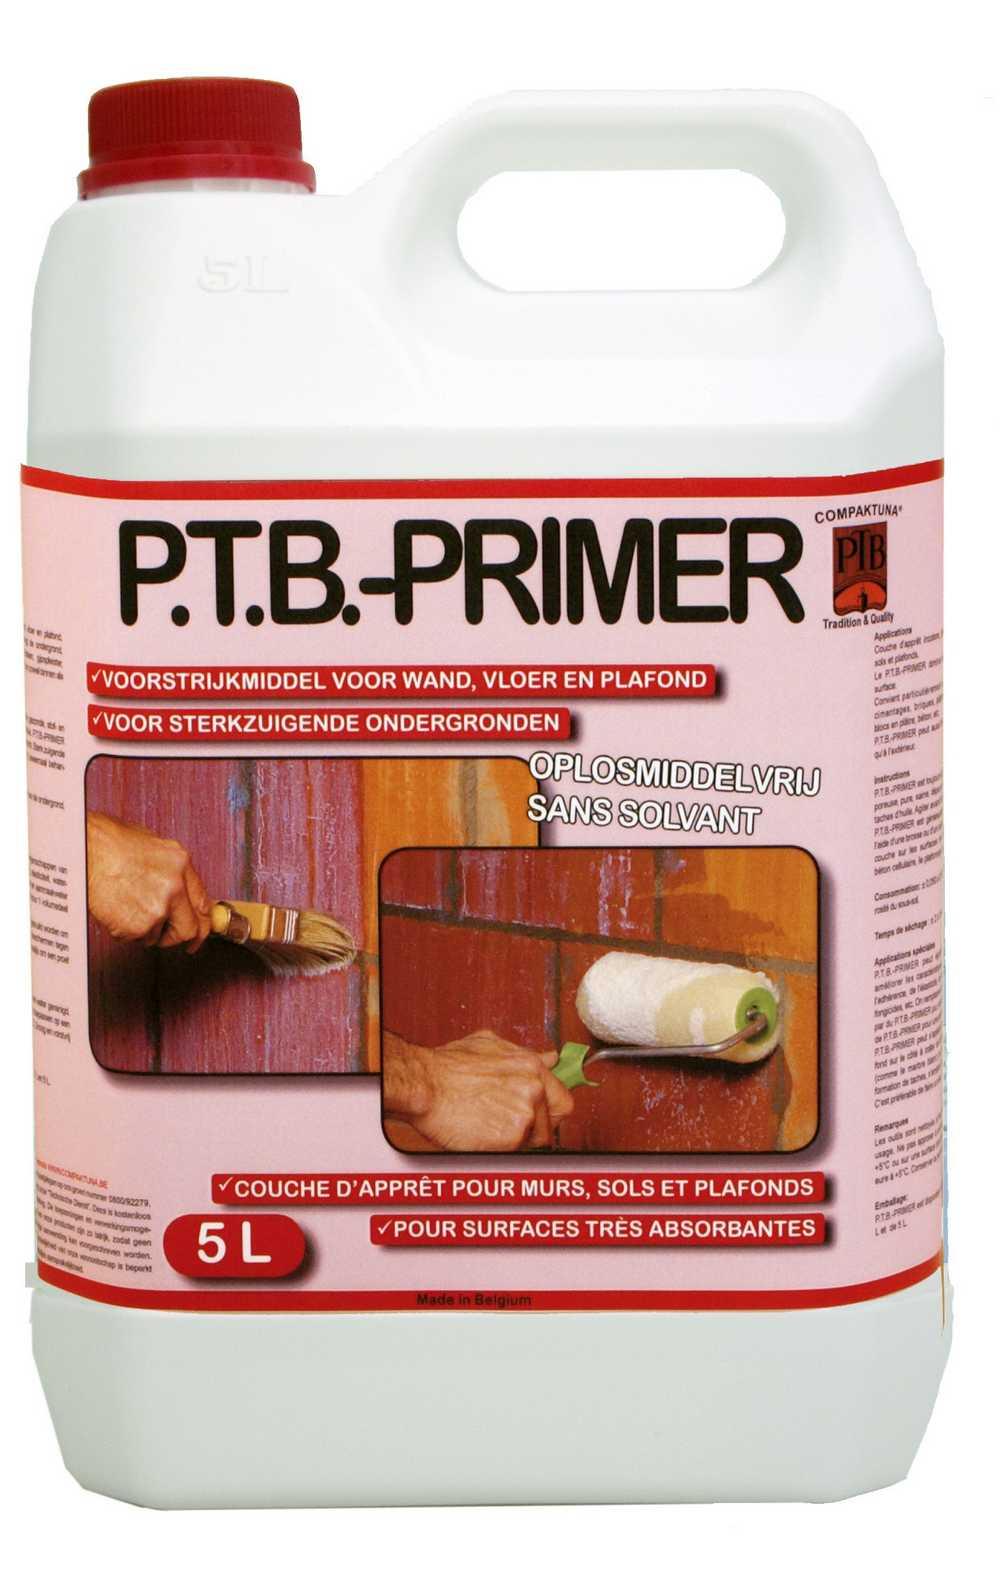 P.t.b.-primer 1liter Kleurloos